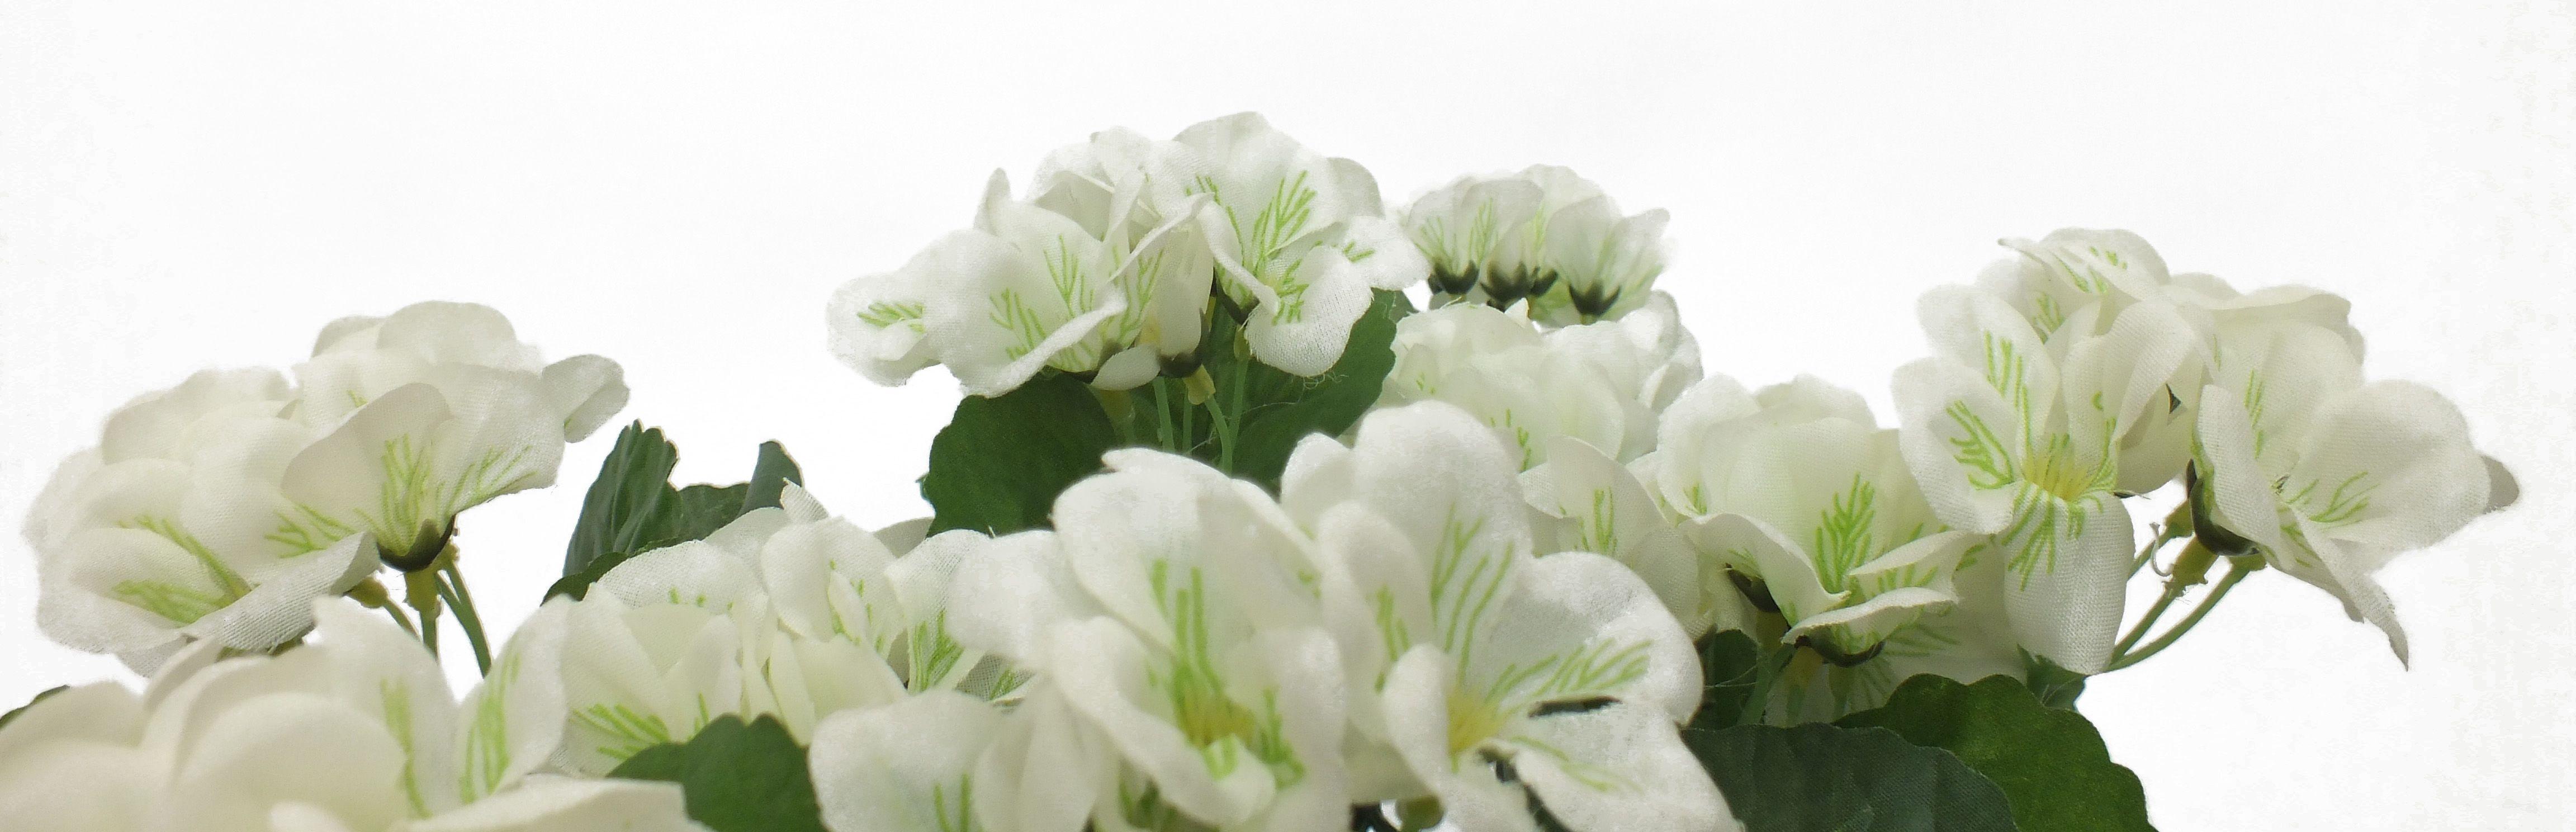 Artificial Geranium Flower Box